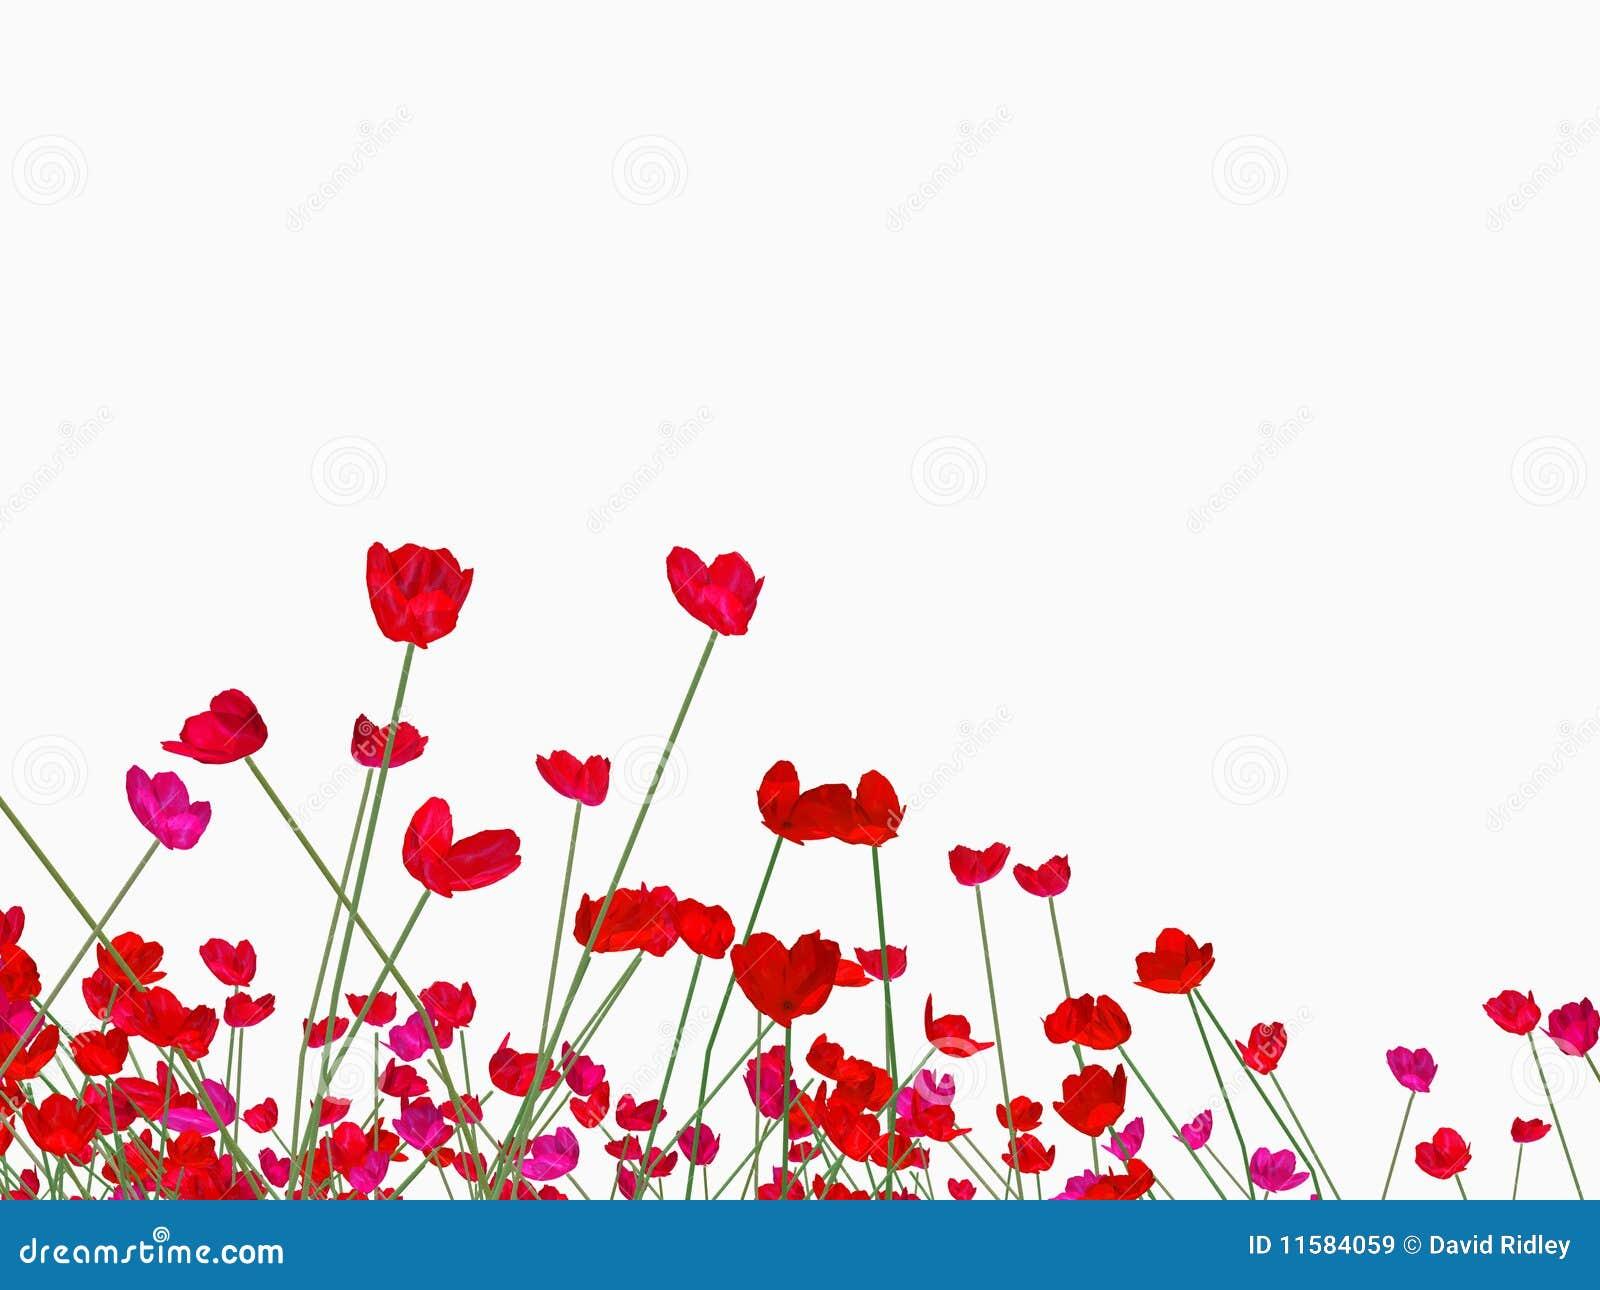 poppy red background - photo #42